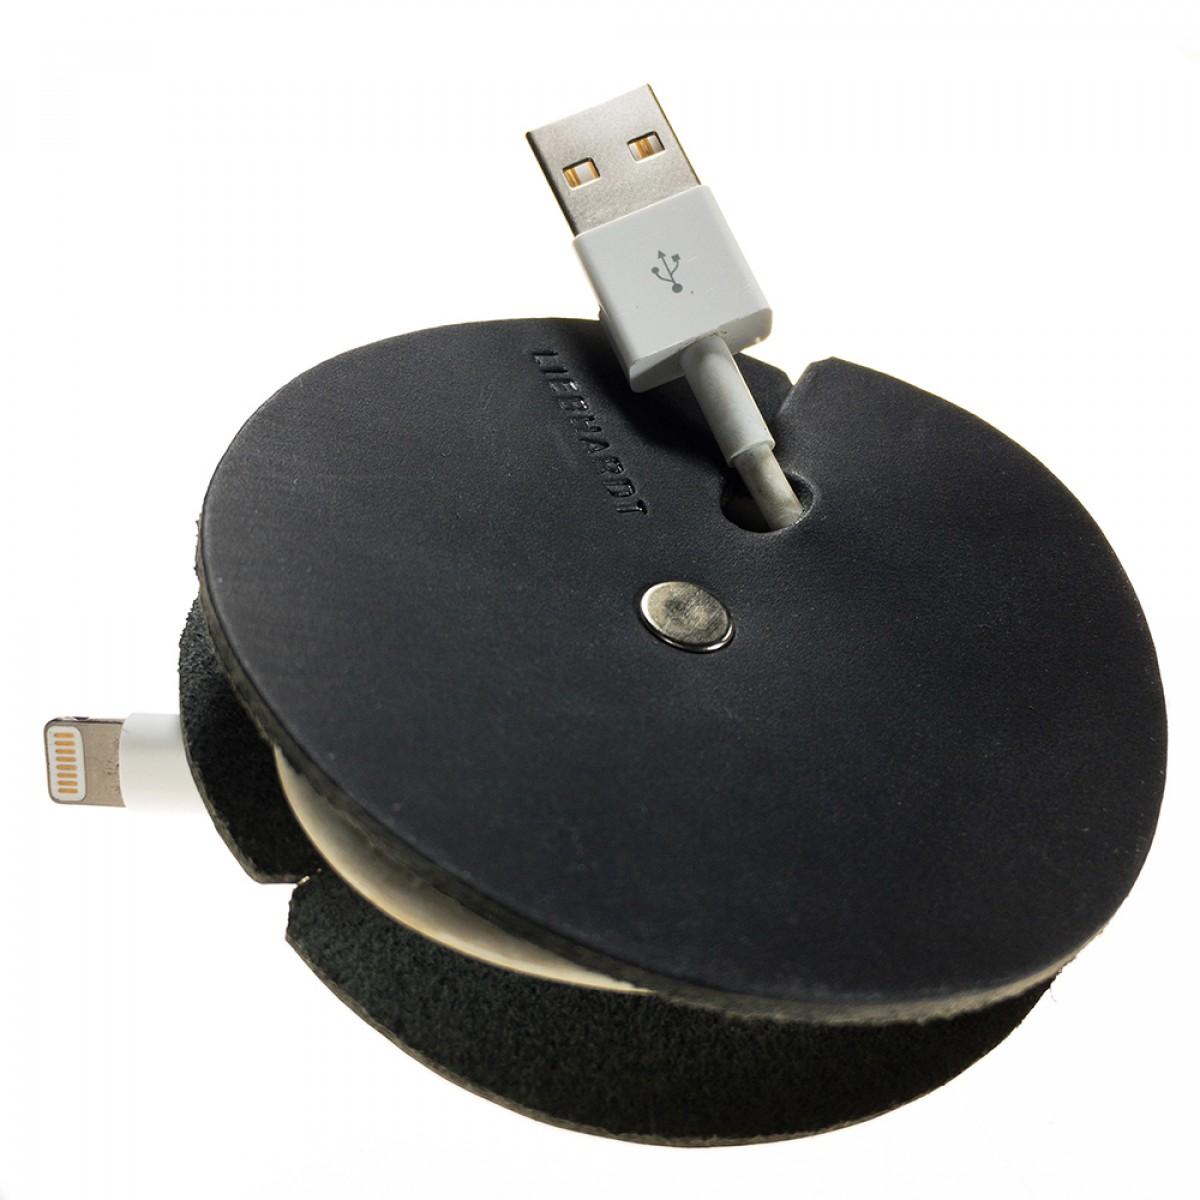 LIEBHARDT - Leder Kabelbinder als Kabelhalter aus pflanzlich gegerbtem Echtleder, Kabelaufwickler für Ladekabel oder Headset (schwarz)